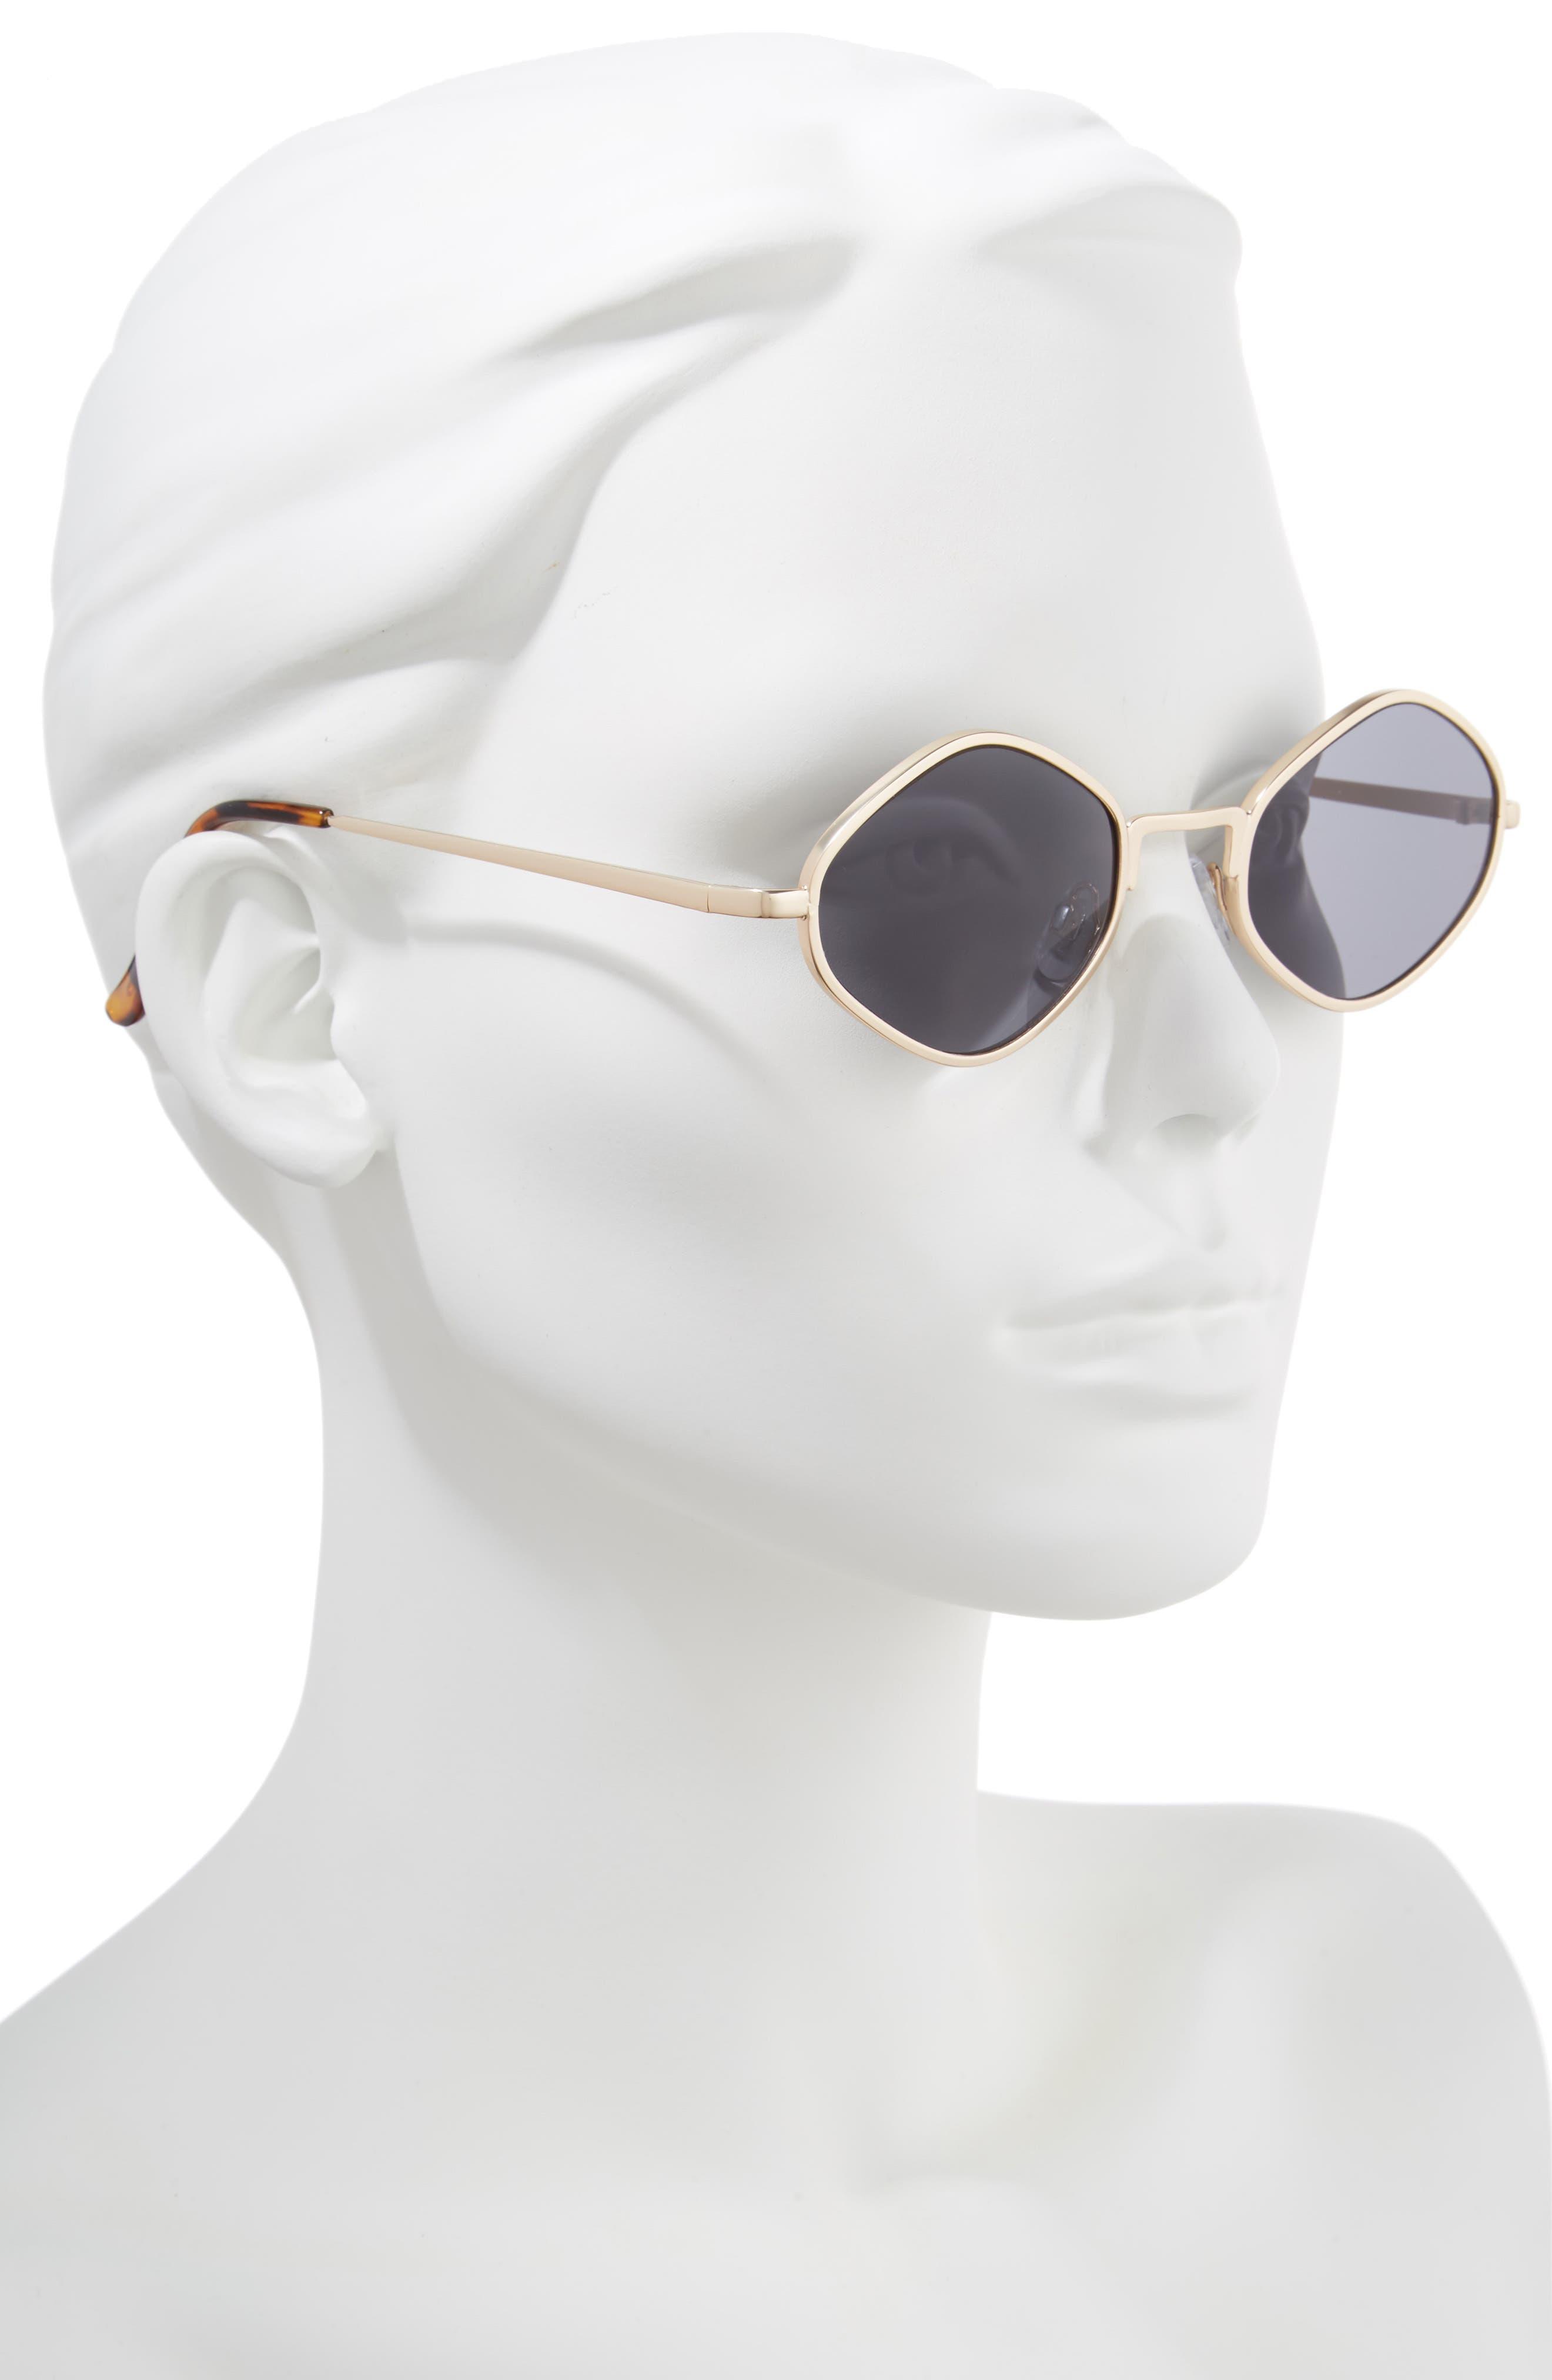 Geo Metal Sunglasses,                             Alternate thumbnail 2, color,                             710